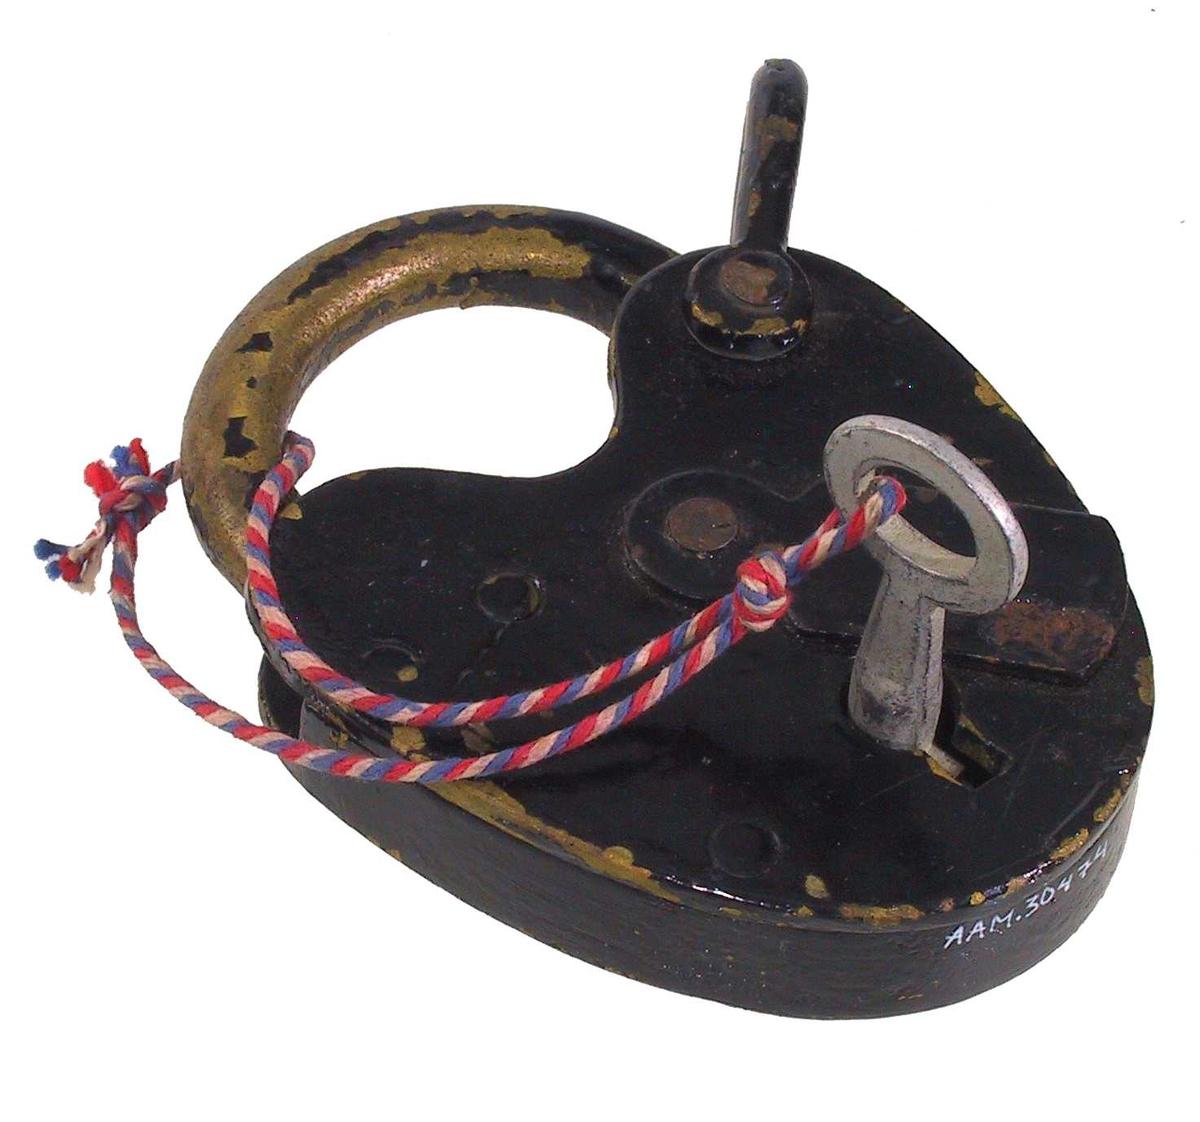 Form: Stor hengelås, nesten hjerteformet. Nøkkel festet til låsen med snor.